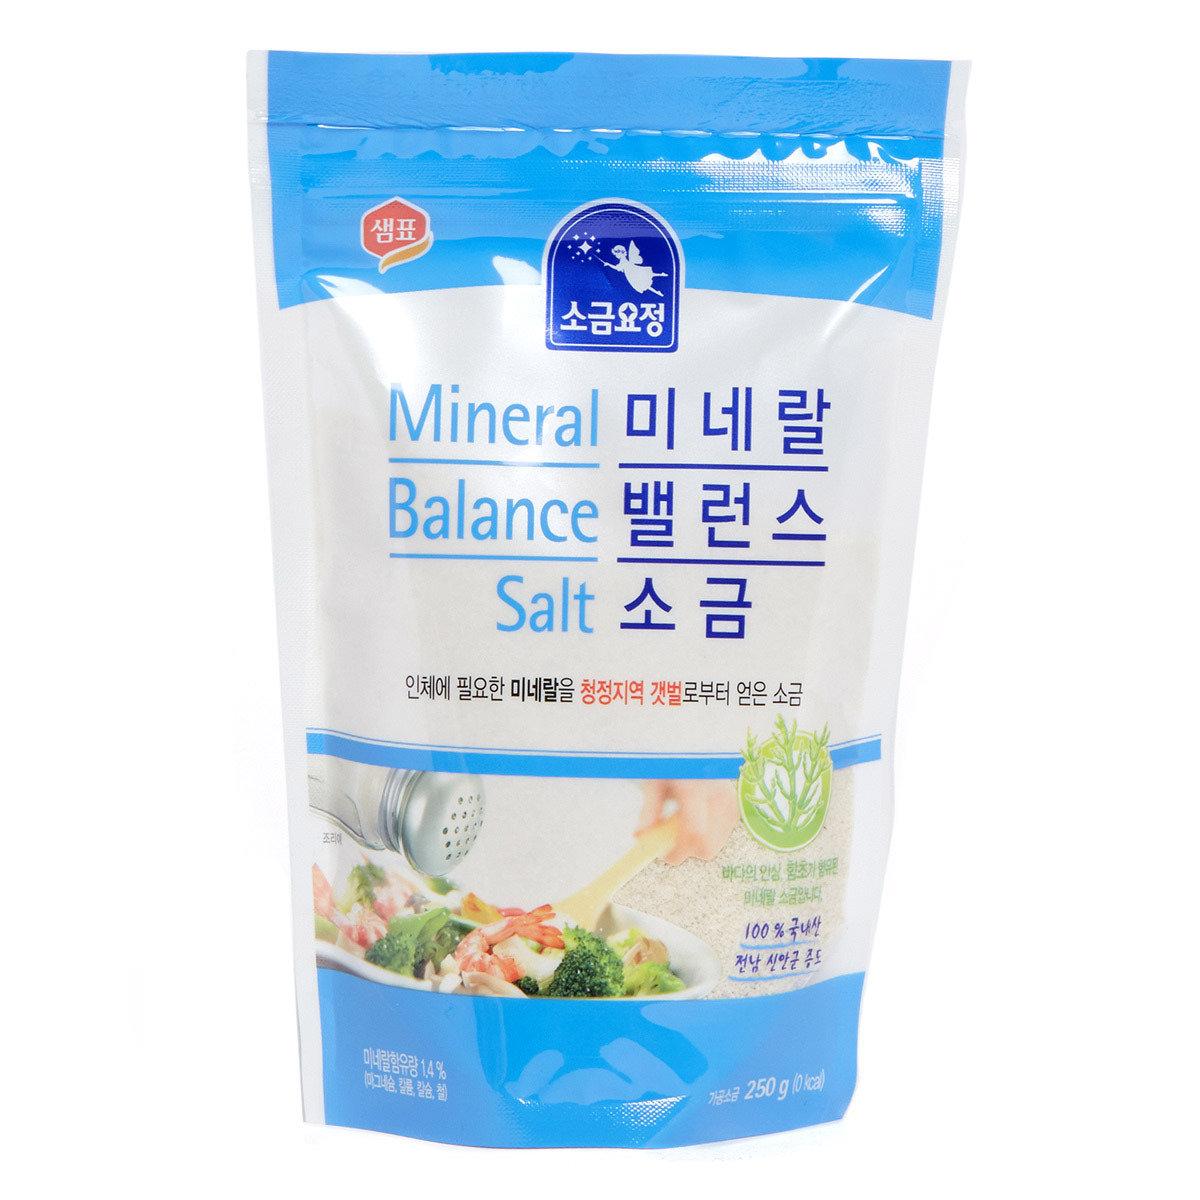 韓國均衡礦物鹽